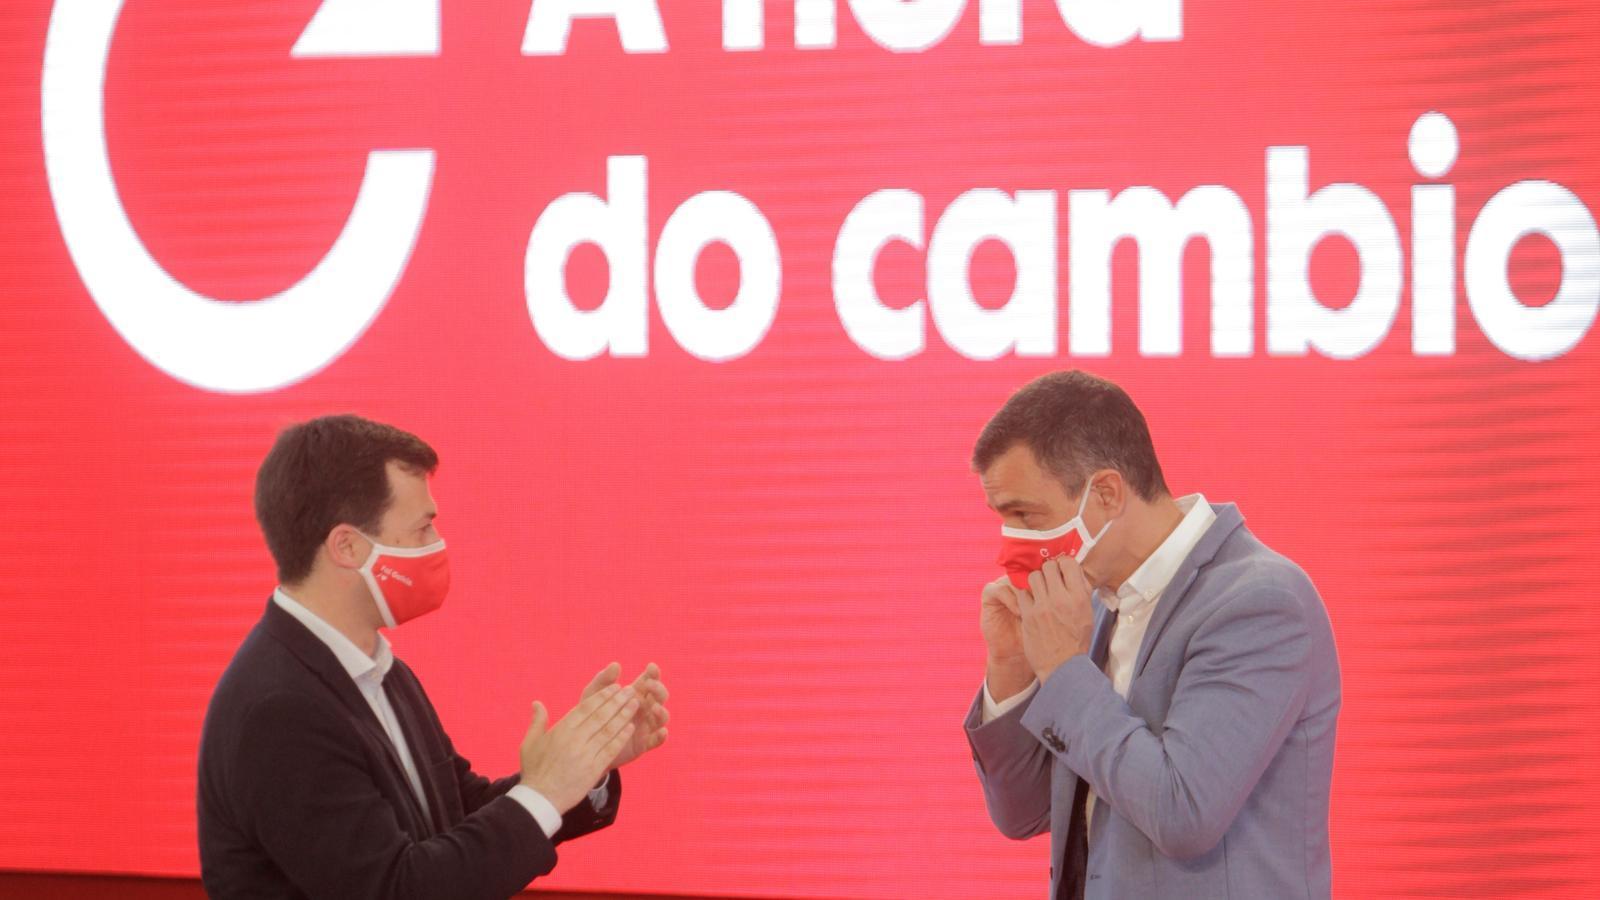 El president del govern espanyol, Pedro Sánchez, amb el líder dels socialistes gallecs, Gonzalo Caballero, durant un acte de campanya a La Corunya el passat 4 de juliol.